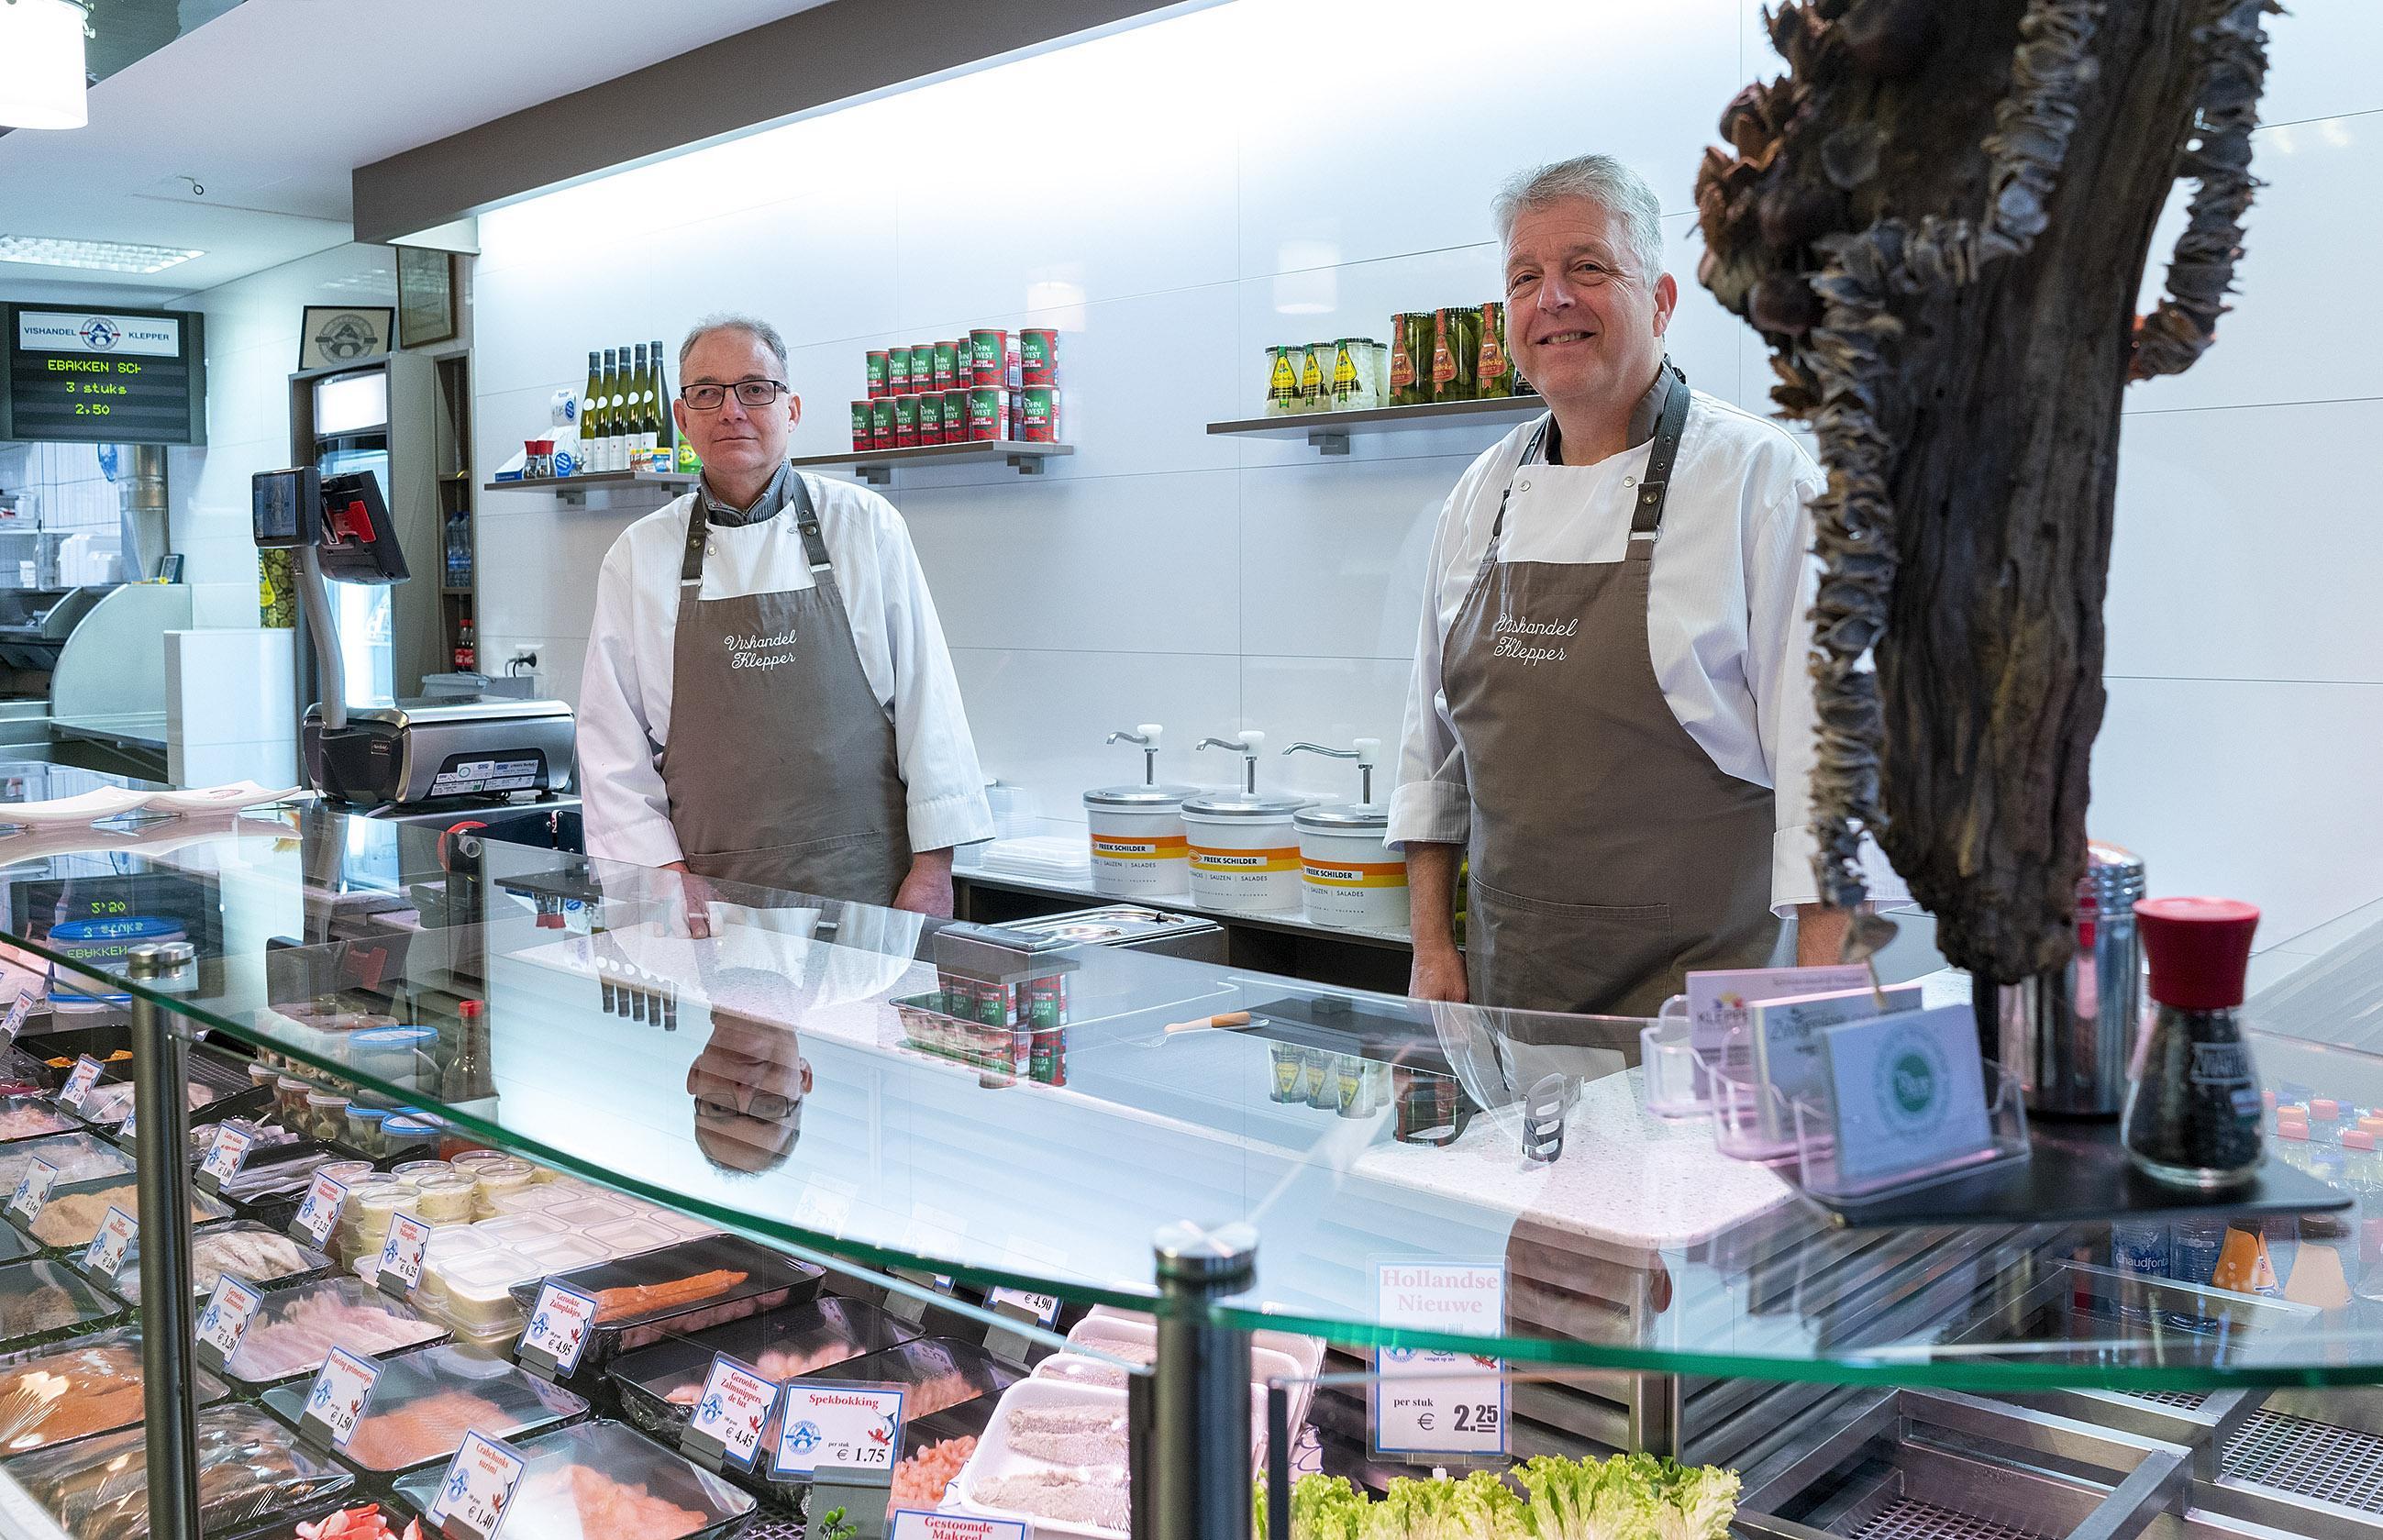 Het einde van de Klepperdynastie: Dirk Klepper sluit de deuren van de Alkmaarse viswinkel na 76 jaar